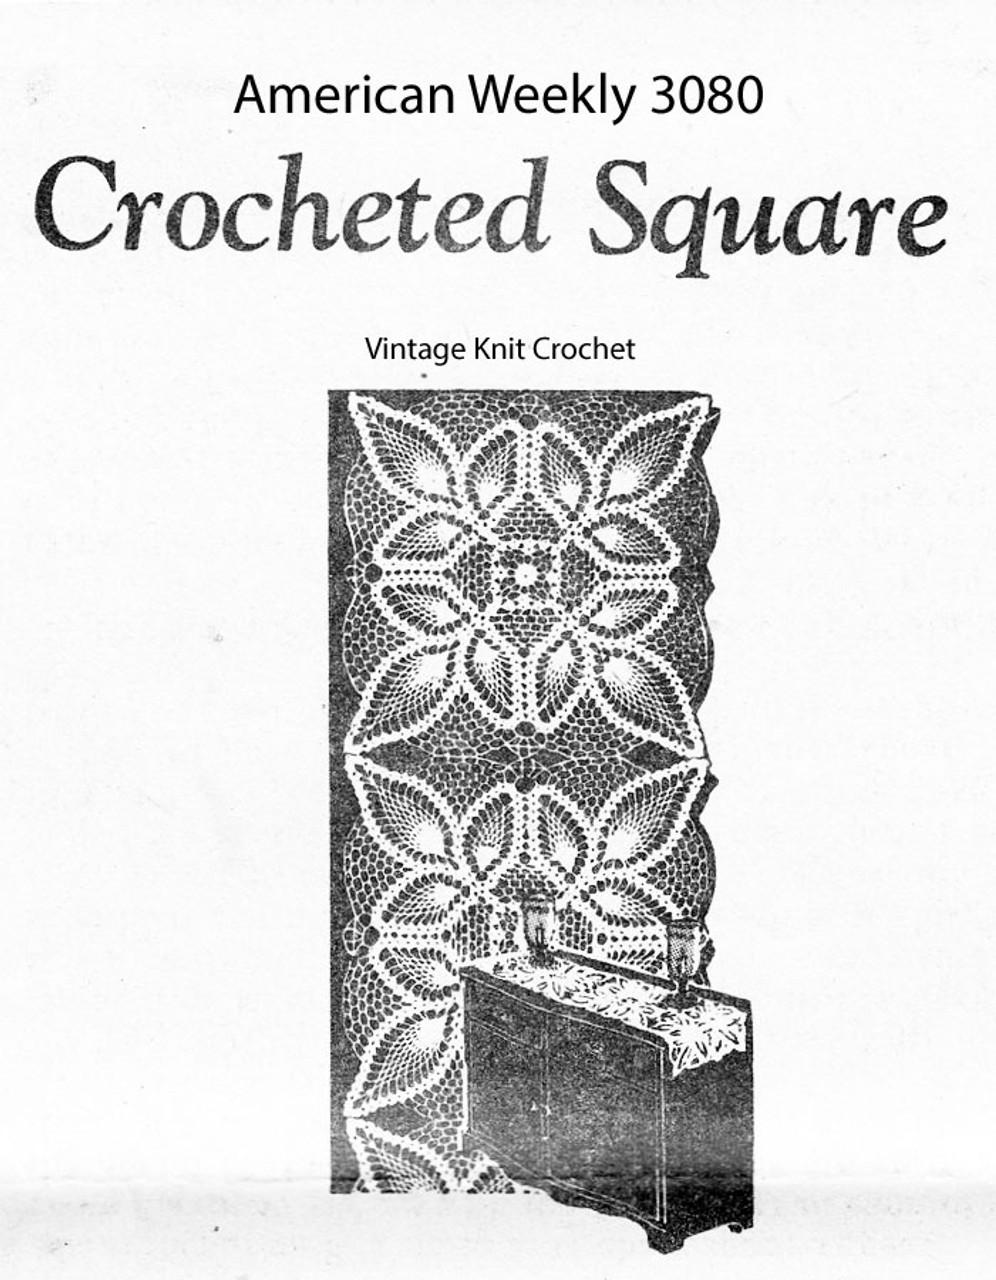 Crochet Pineapple Runner Pattern, Square, Mail Order 3080